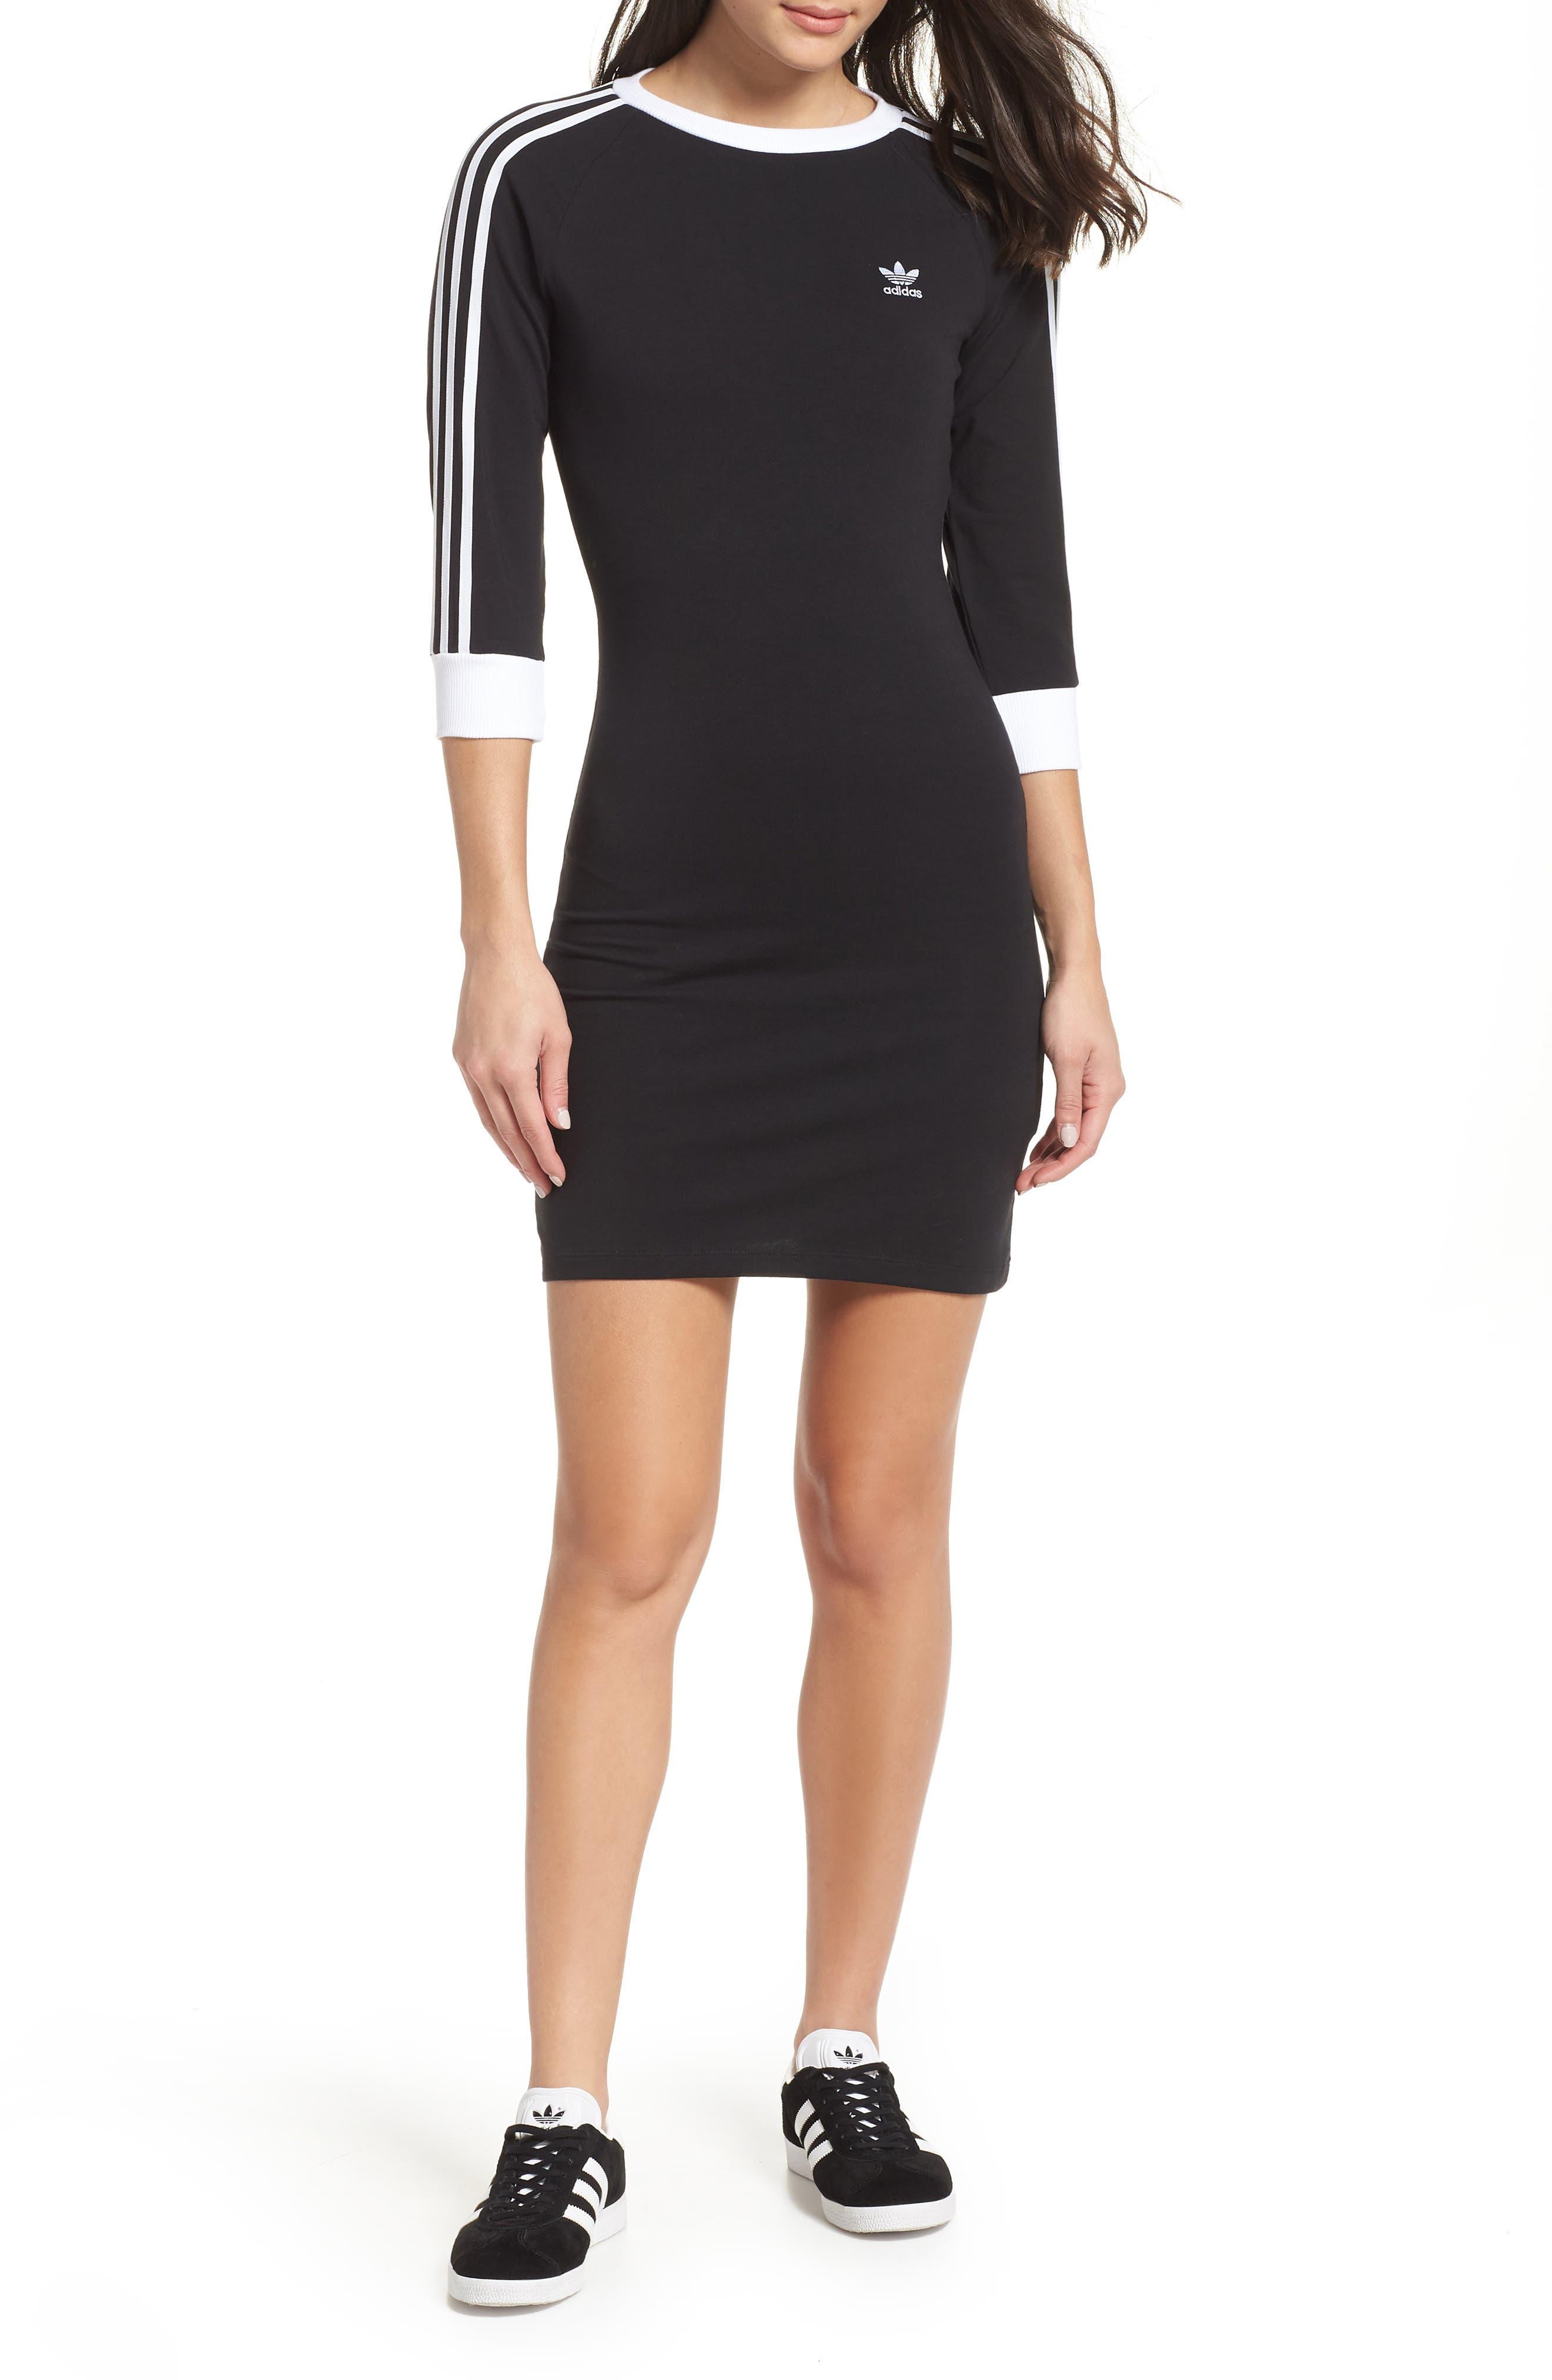 Adidas Originals 3-Stripes Dress, Black